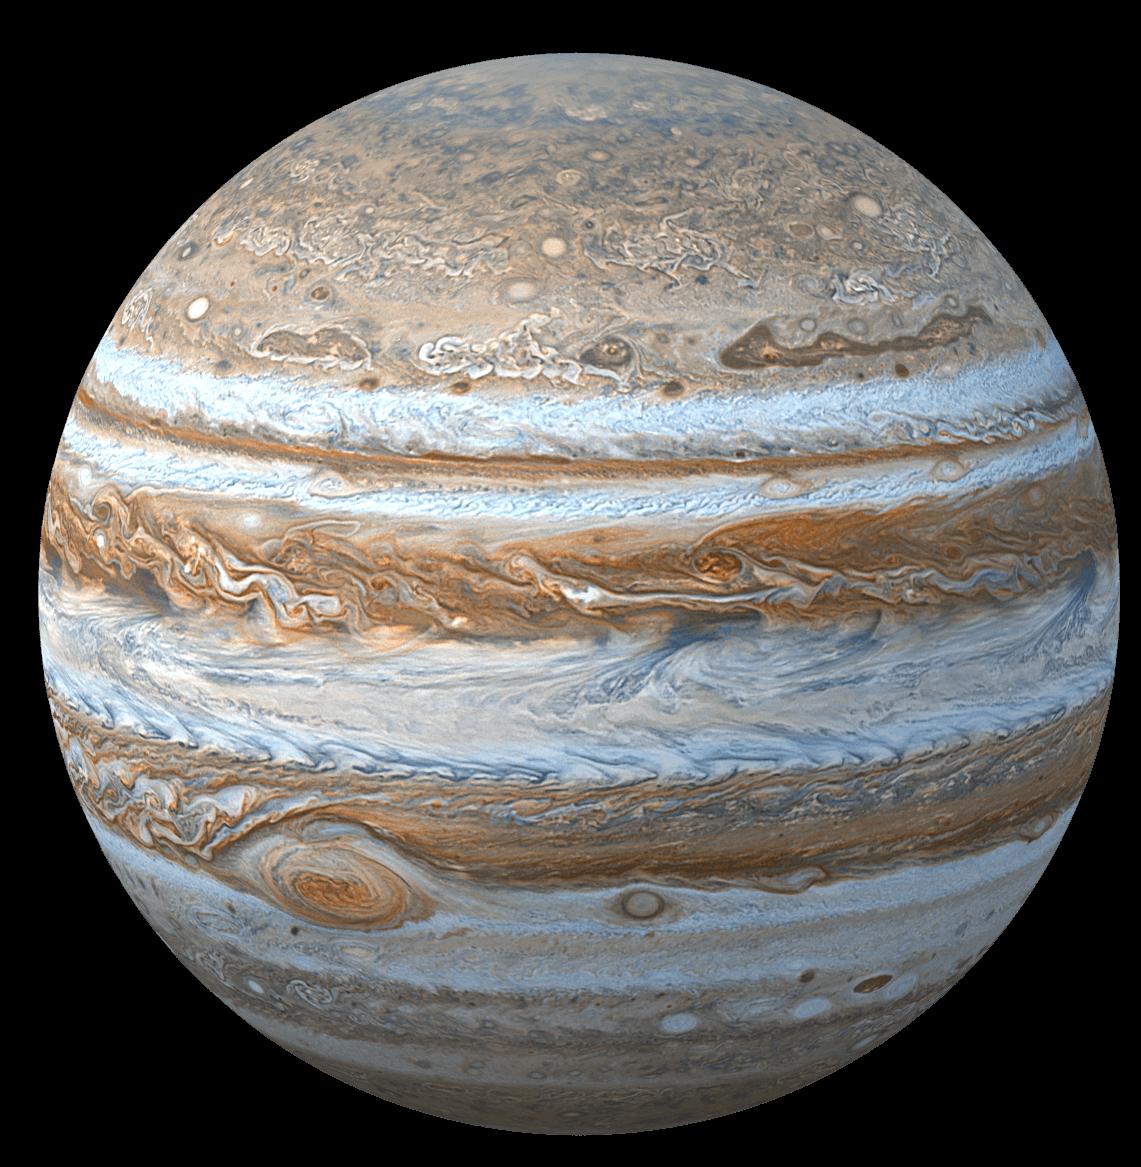 planet jupiter color - HD1141×1167